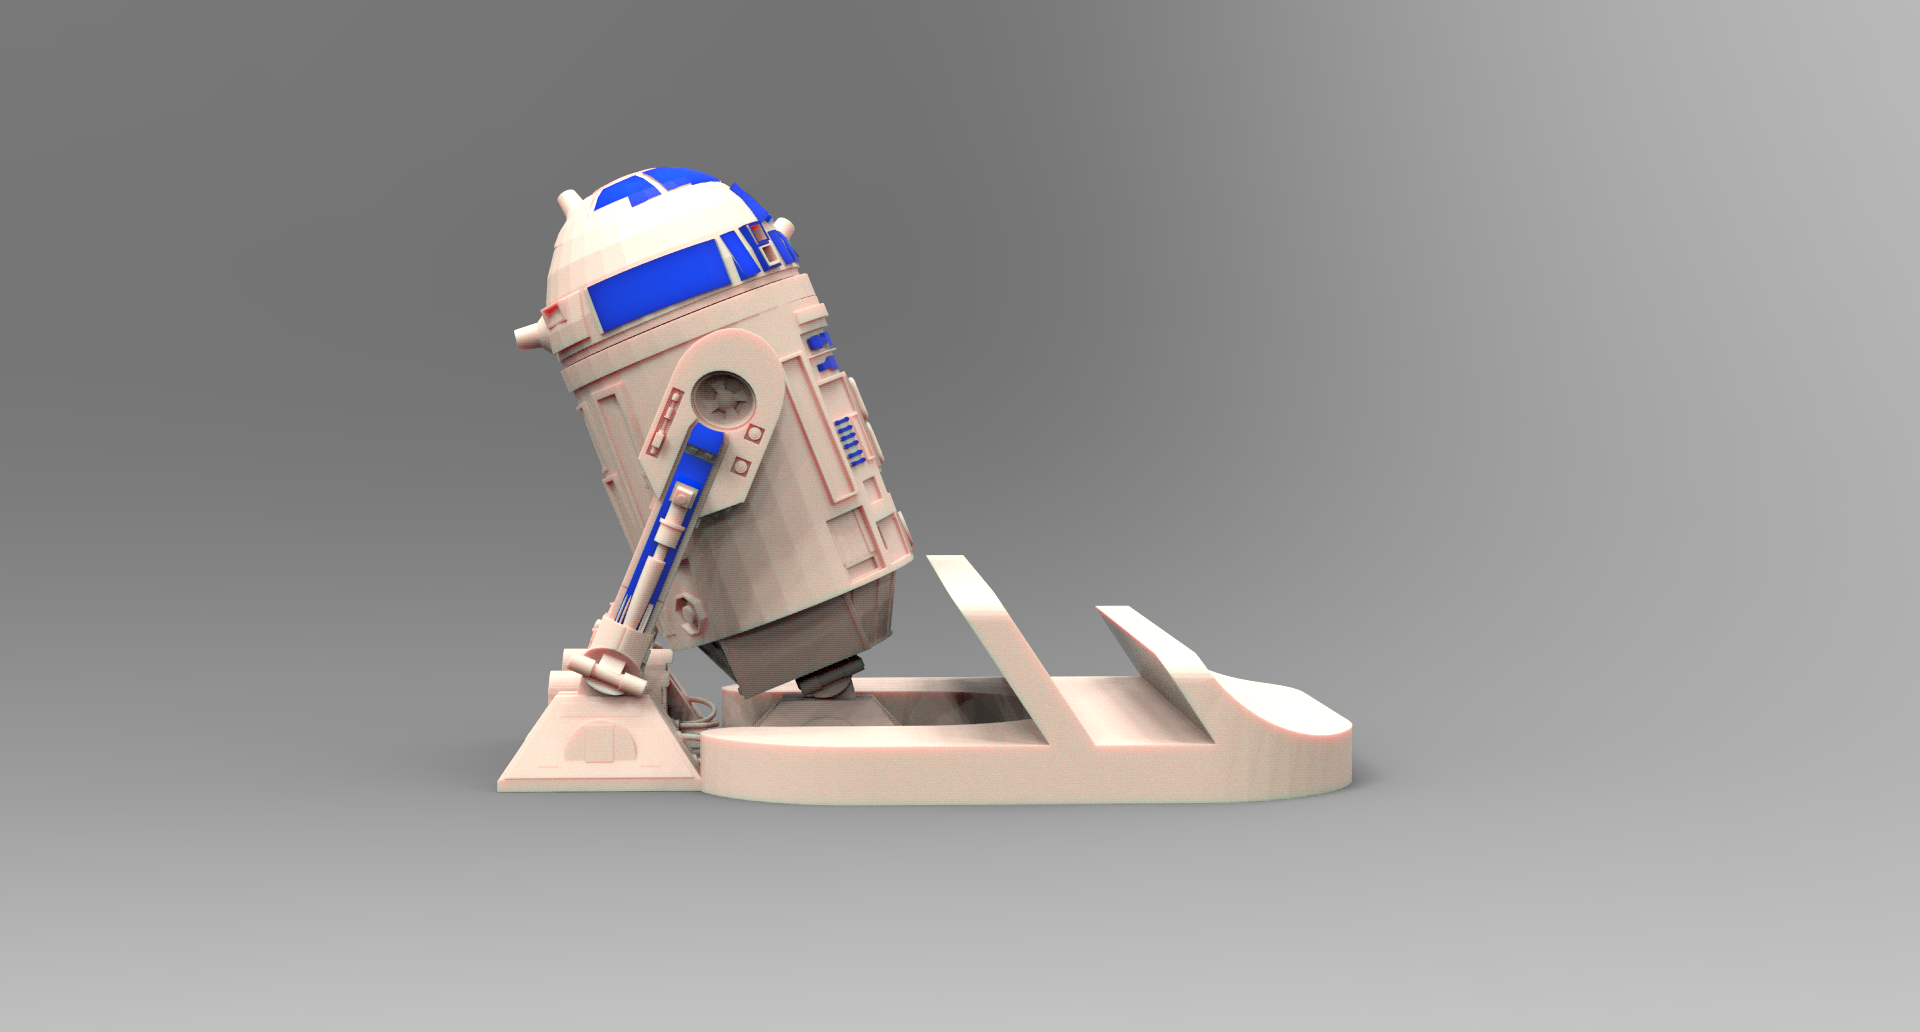 suporte r2d2.141.png Download STL file Smartphone Support R2D2 • 3D printer object, BrunoLopes